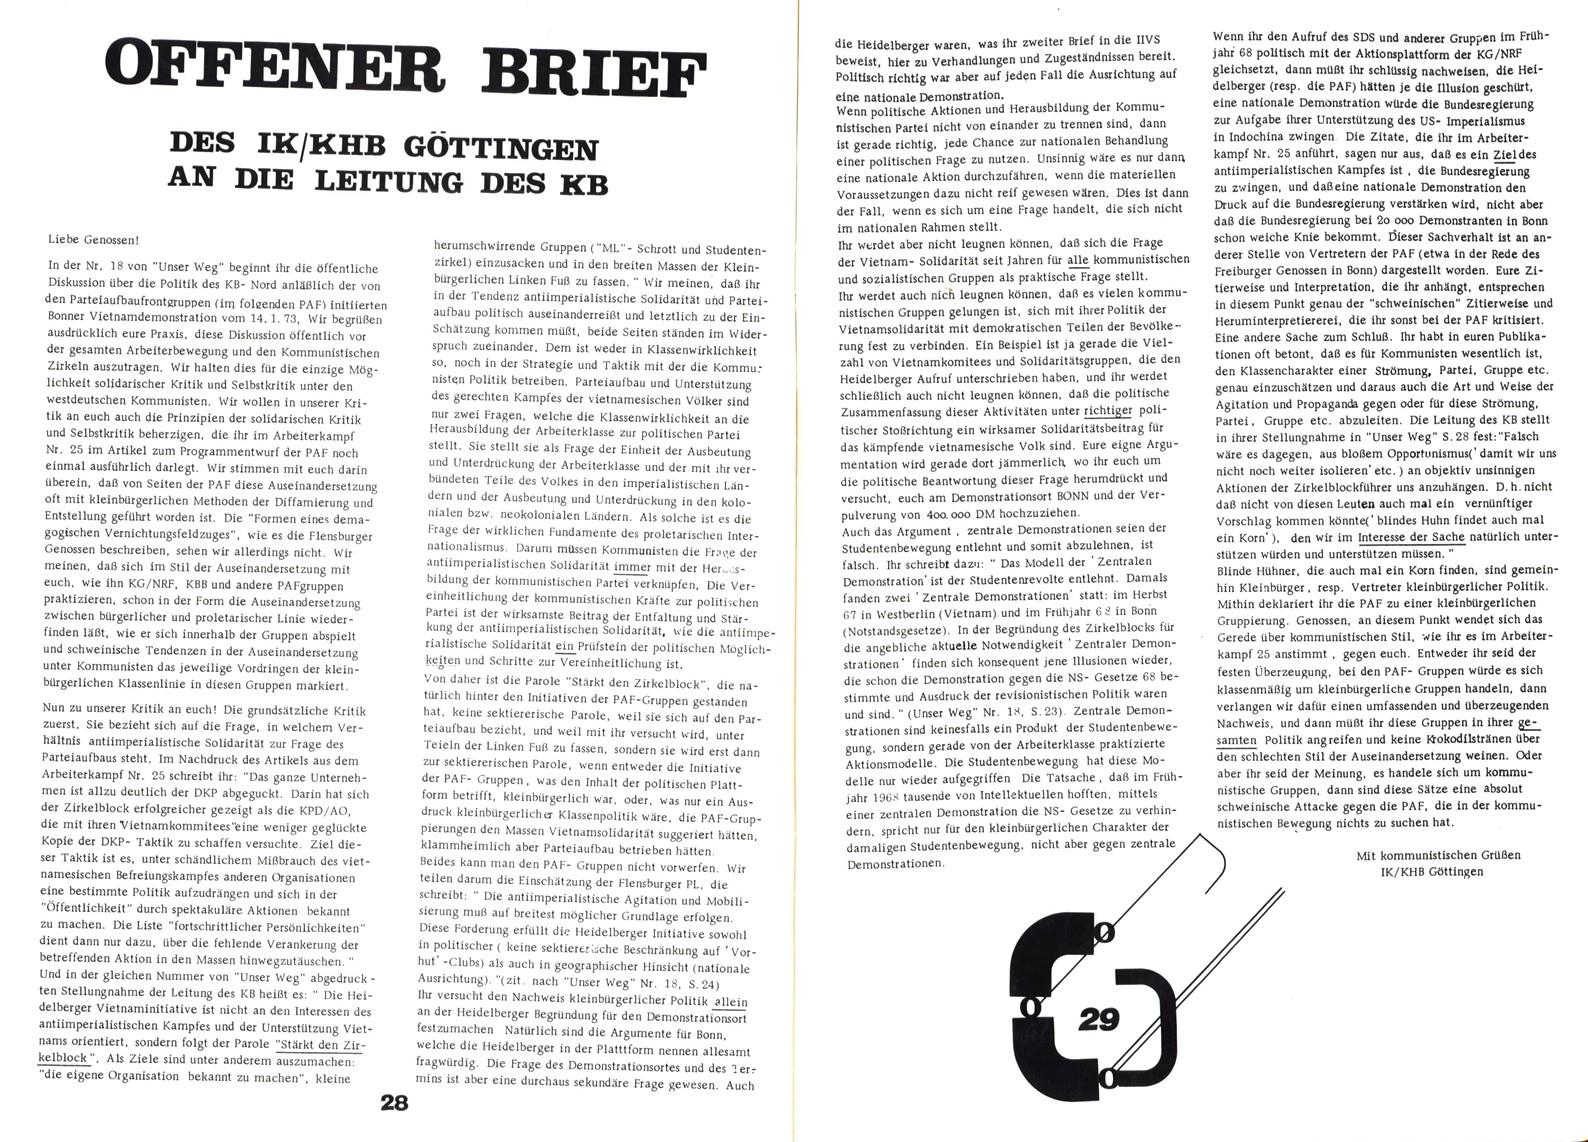 KB_Unser_Weg_1973_19_15